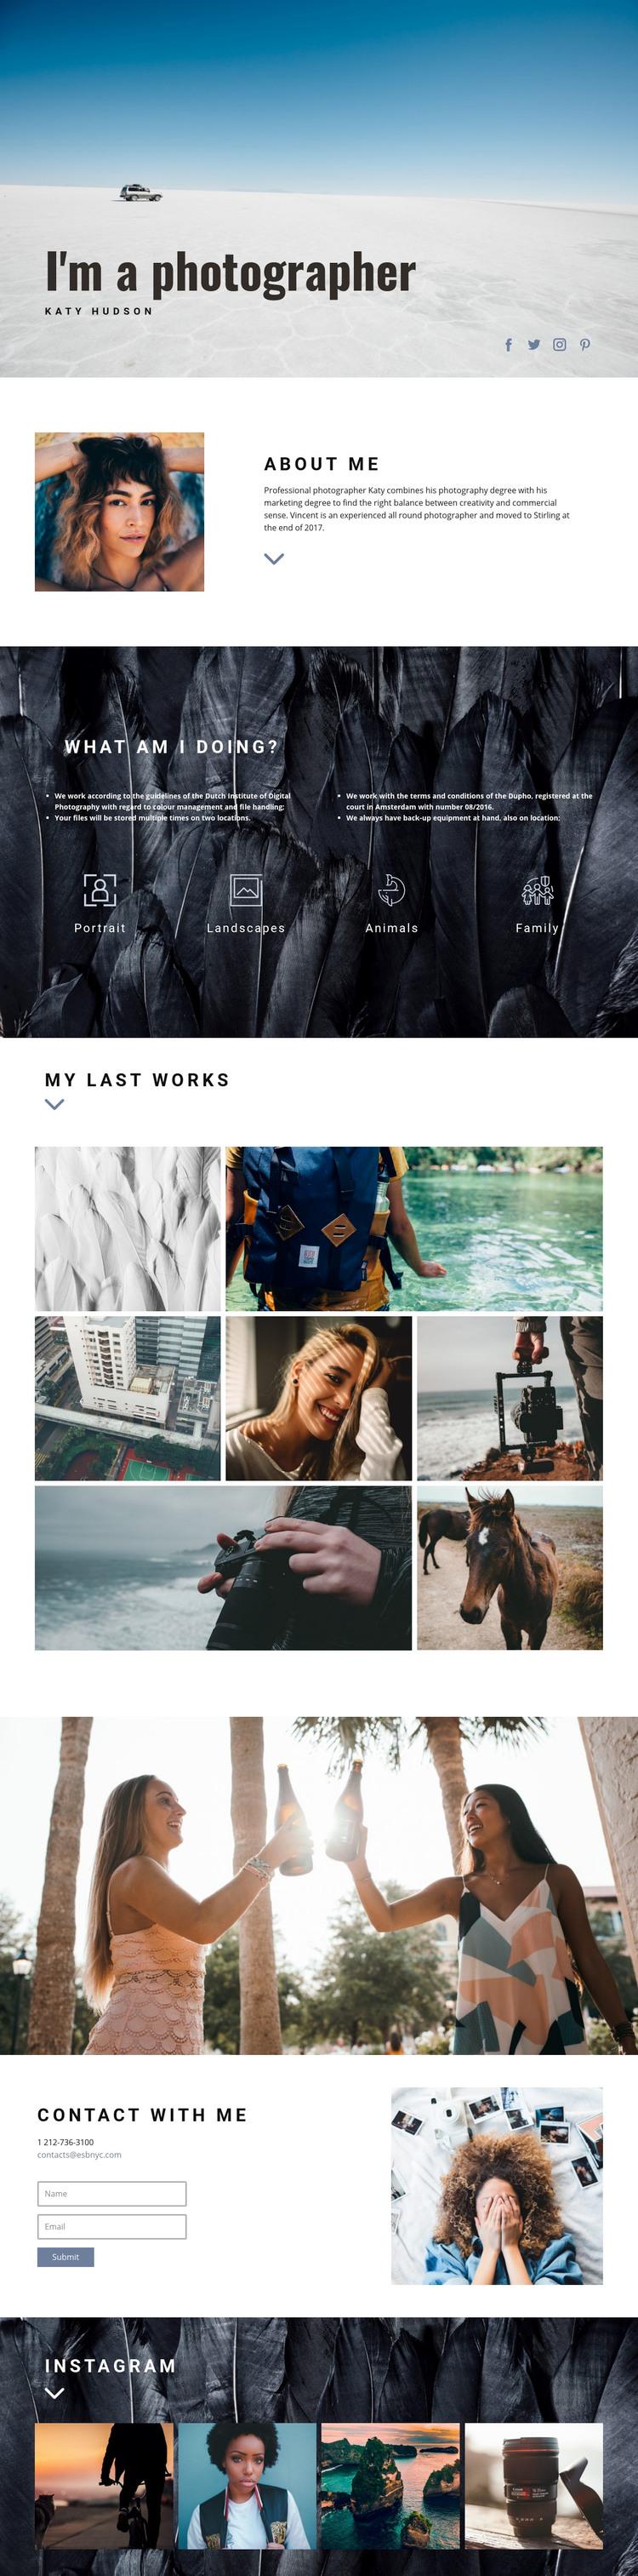 Personal webiste art WordPress Website